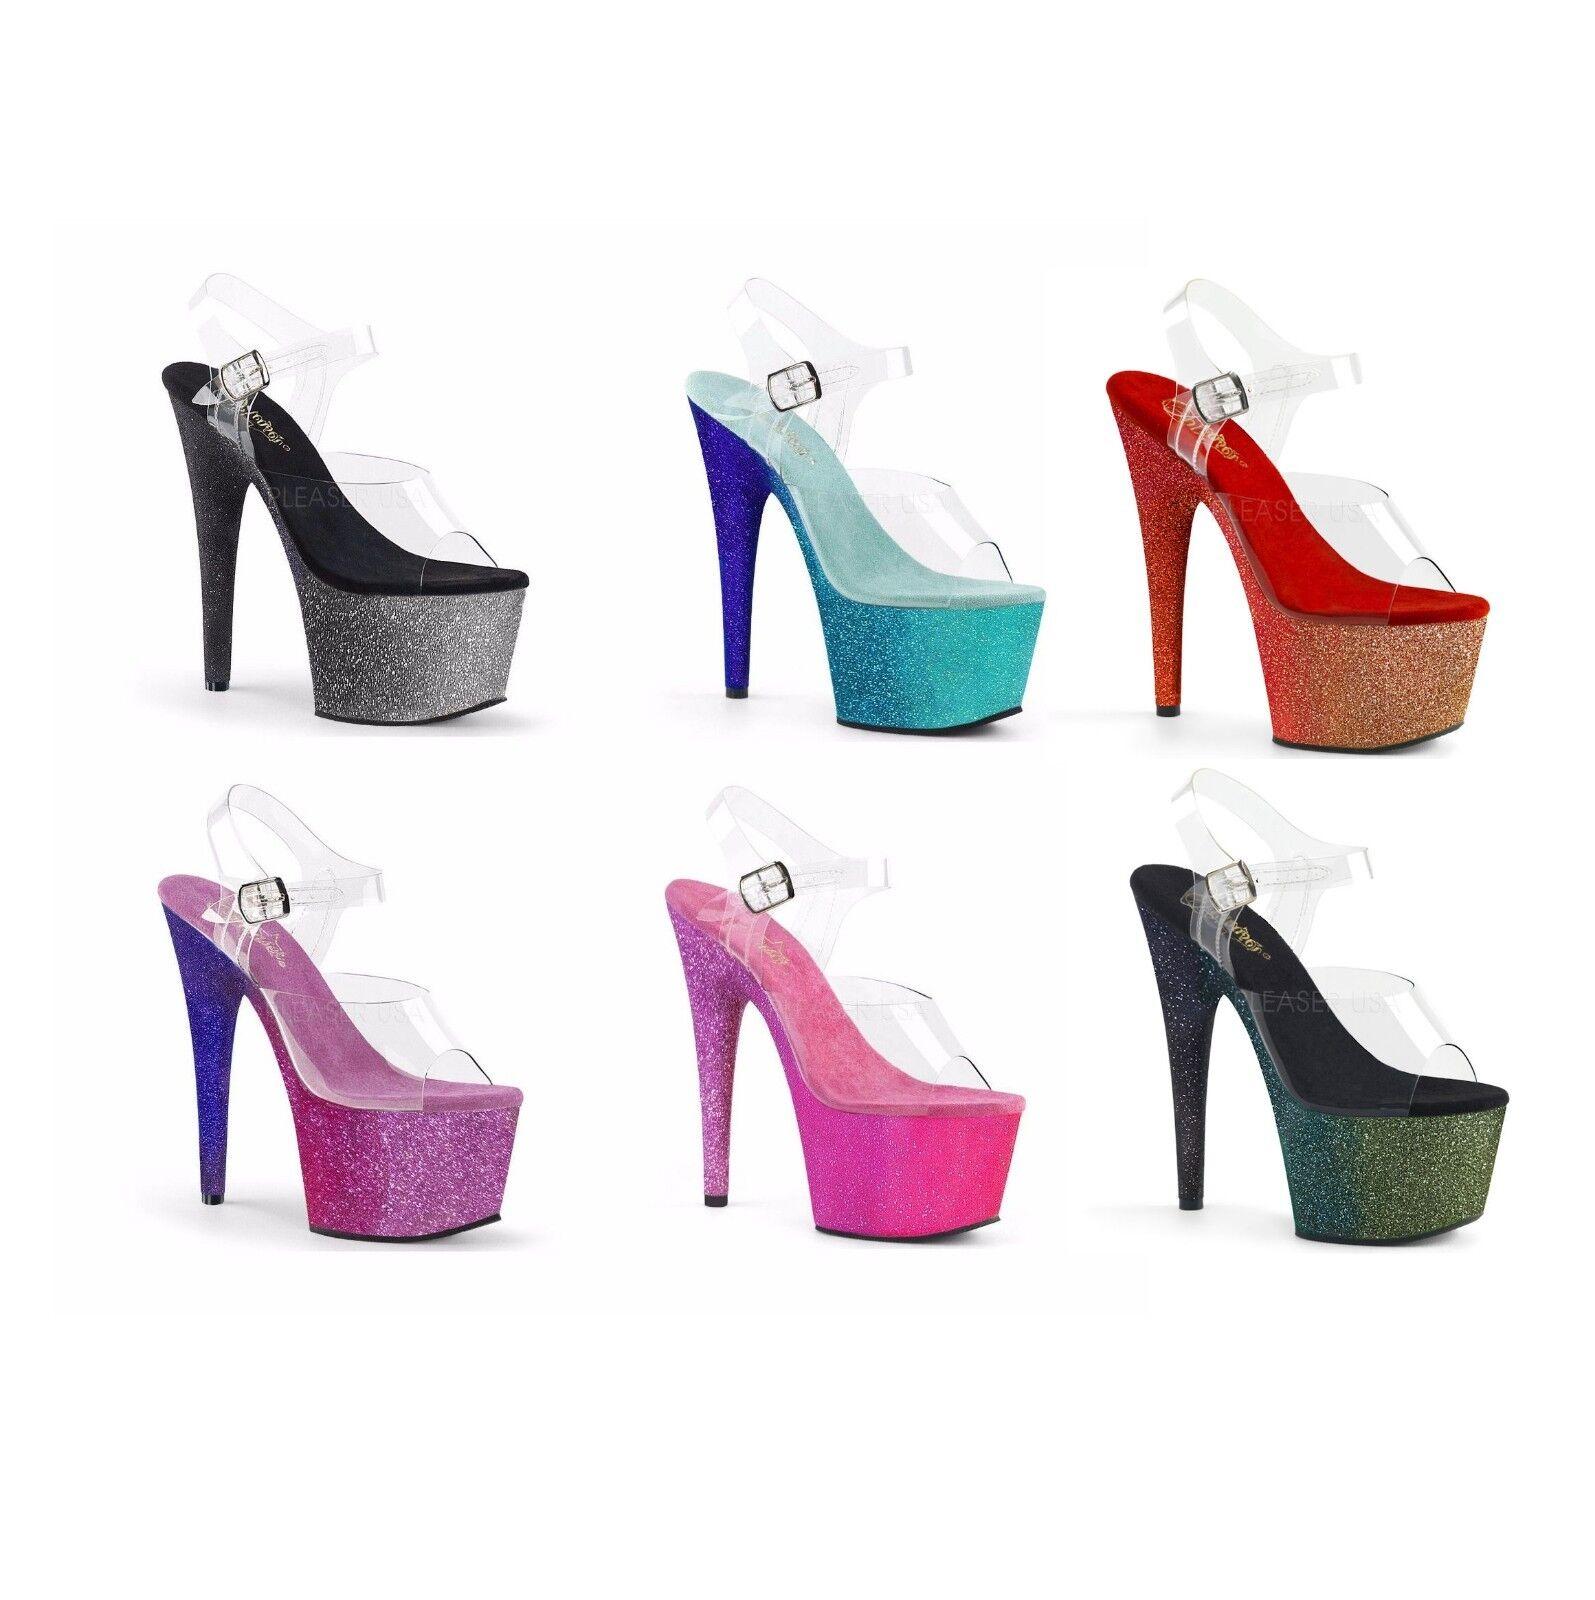 economico e di alta qualità Pleaser Pleaser Pleaser ADORE-708OMBRE Exotic Dancing Platform Ankle Strap Sandal 7  Heel  Spedizione gratuita al 100%